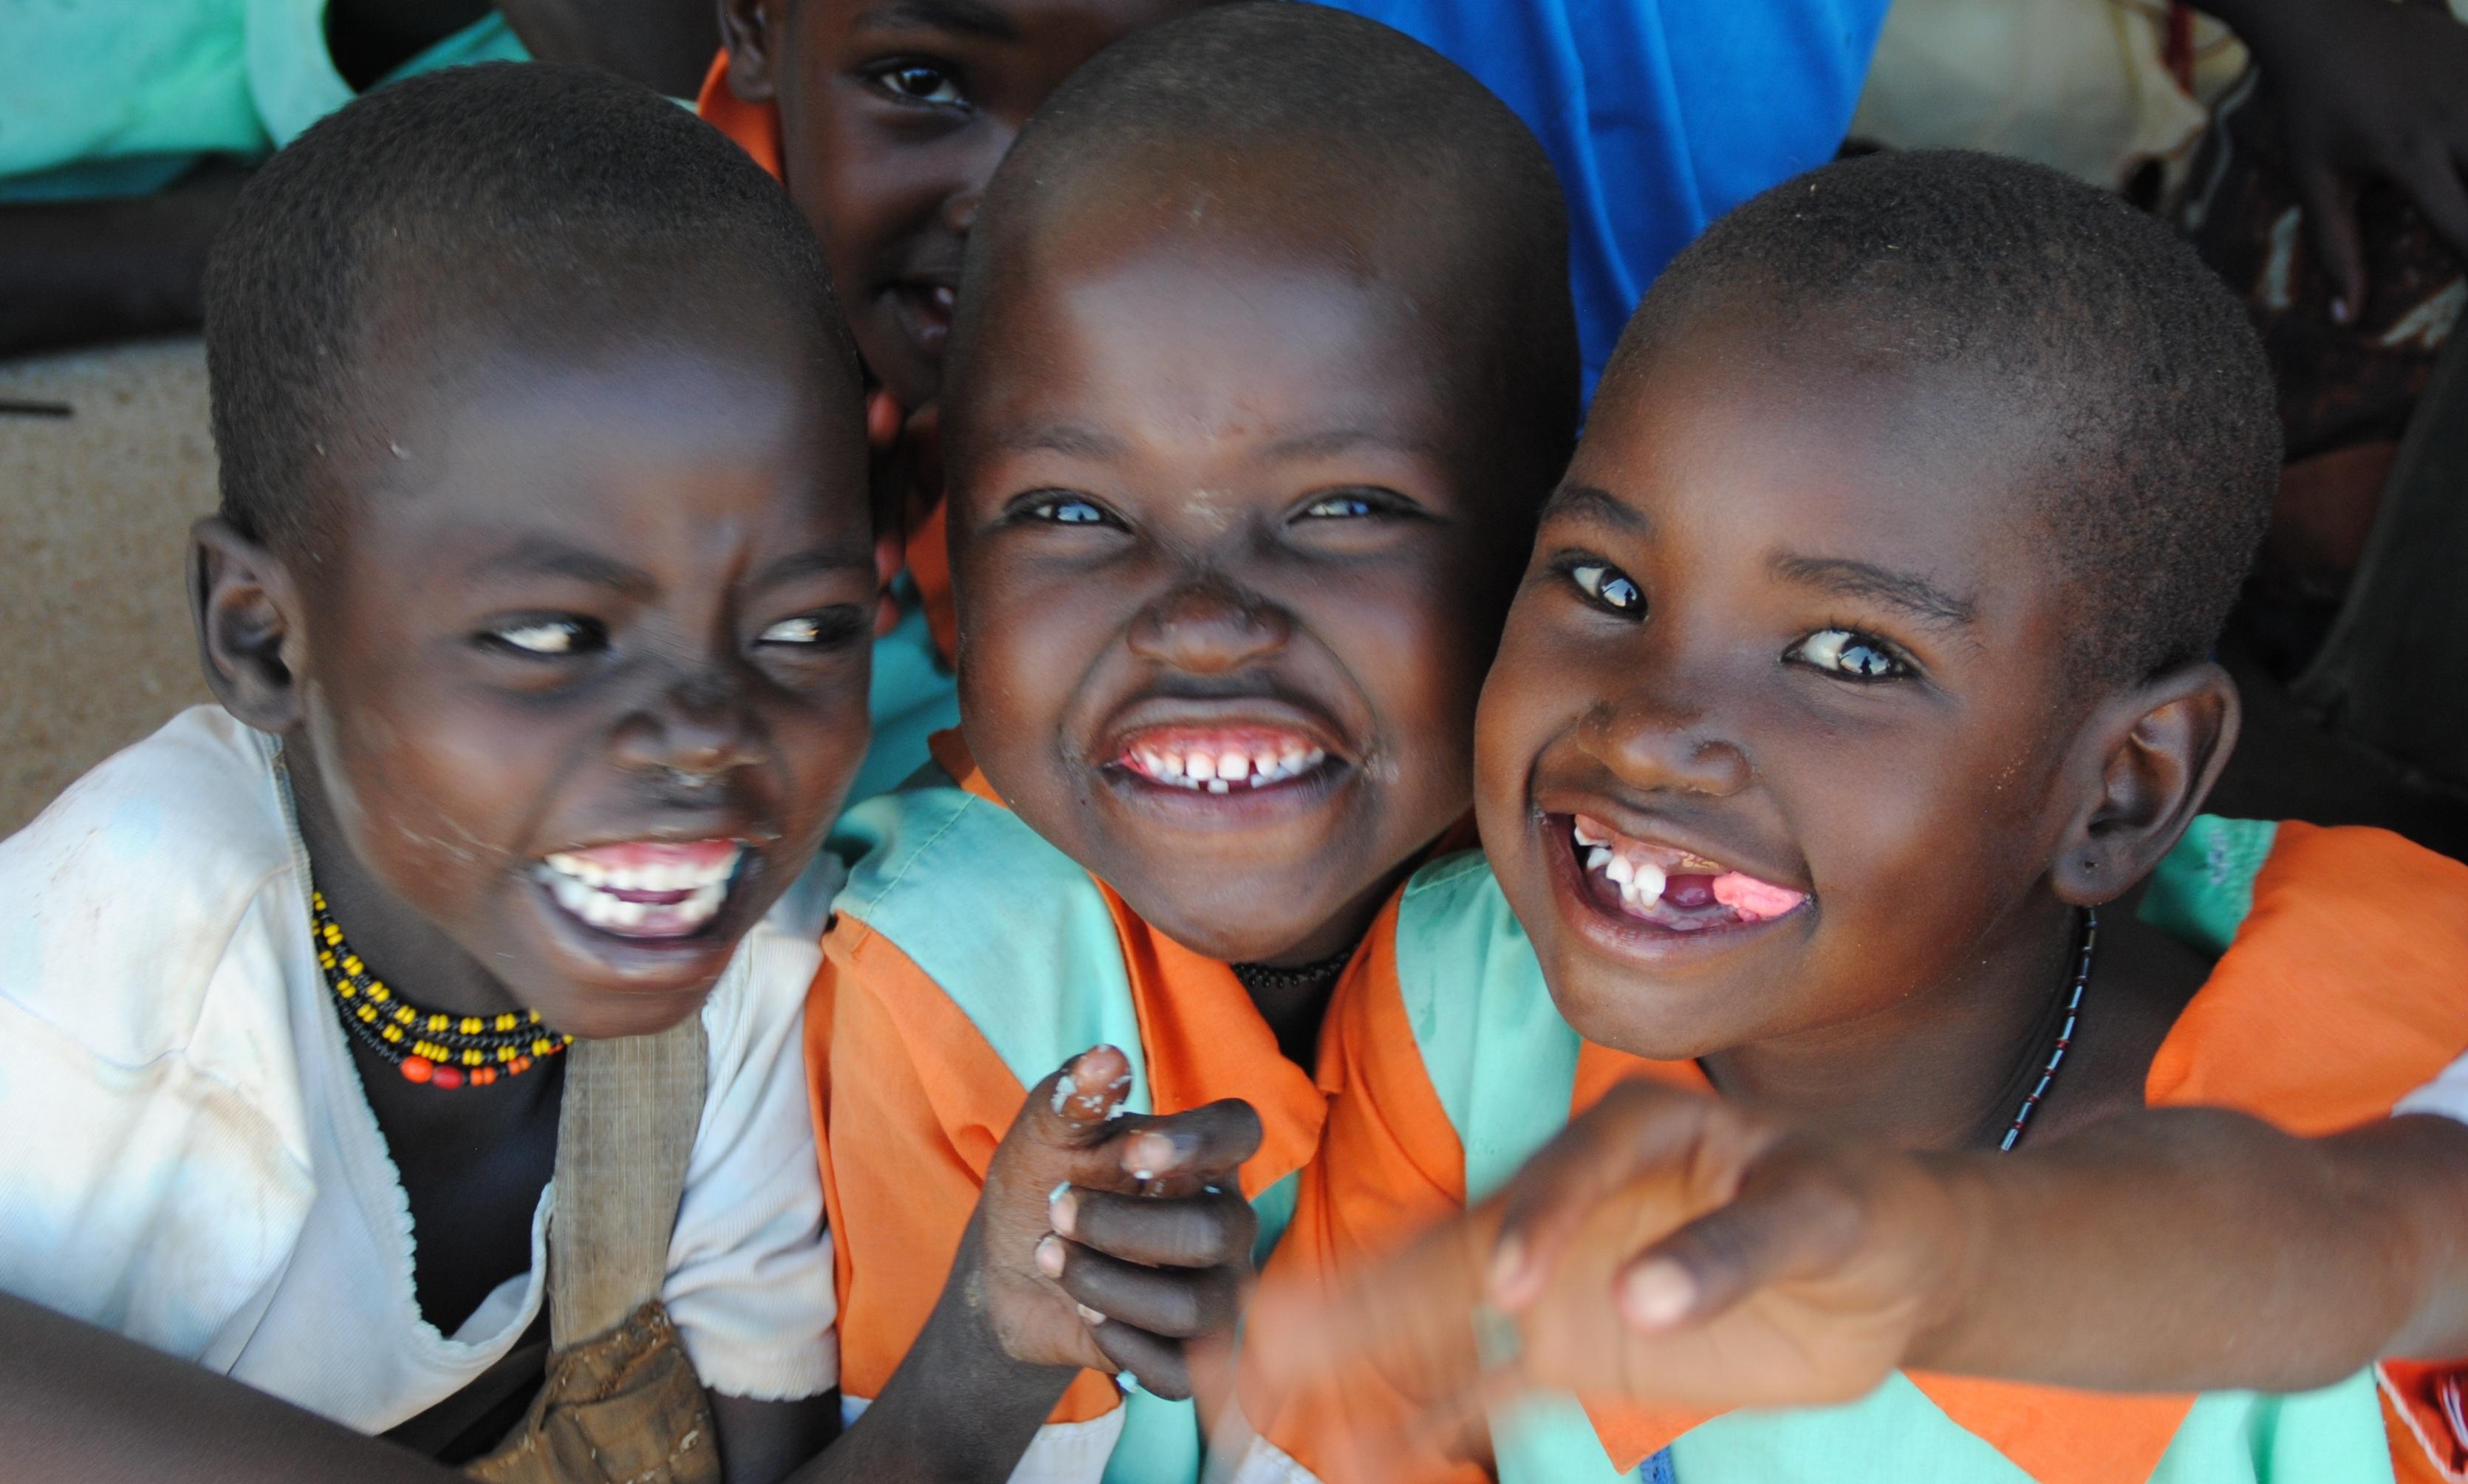 ¡Una Fundación basada en sus sonrisas!